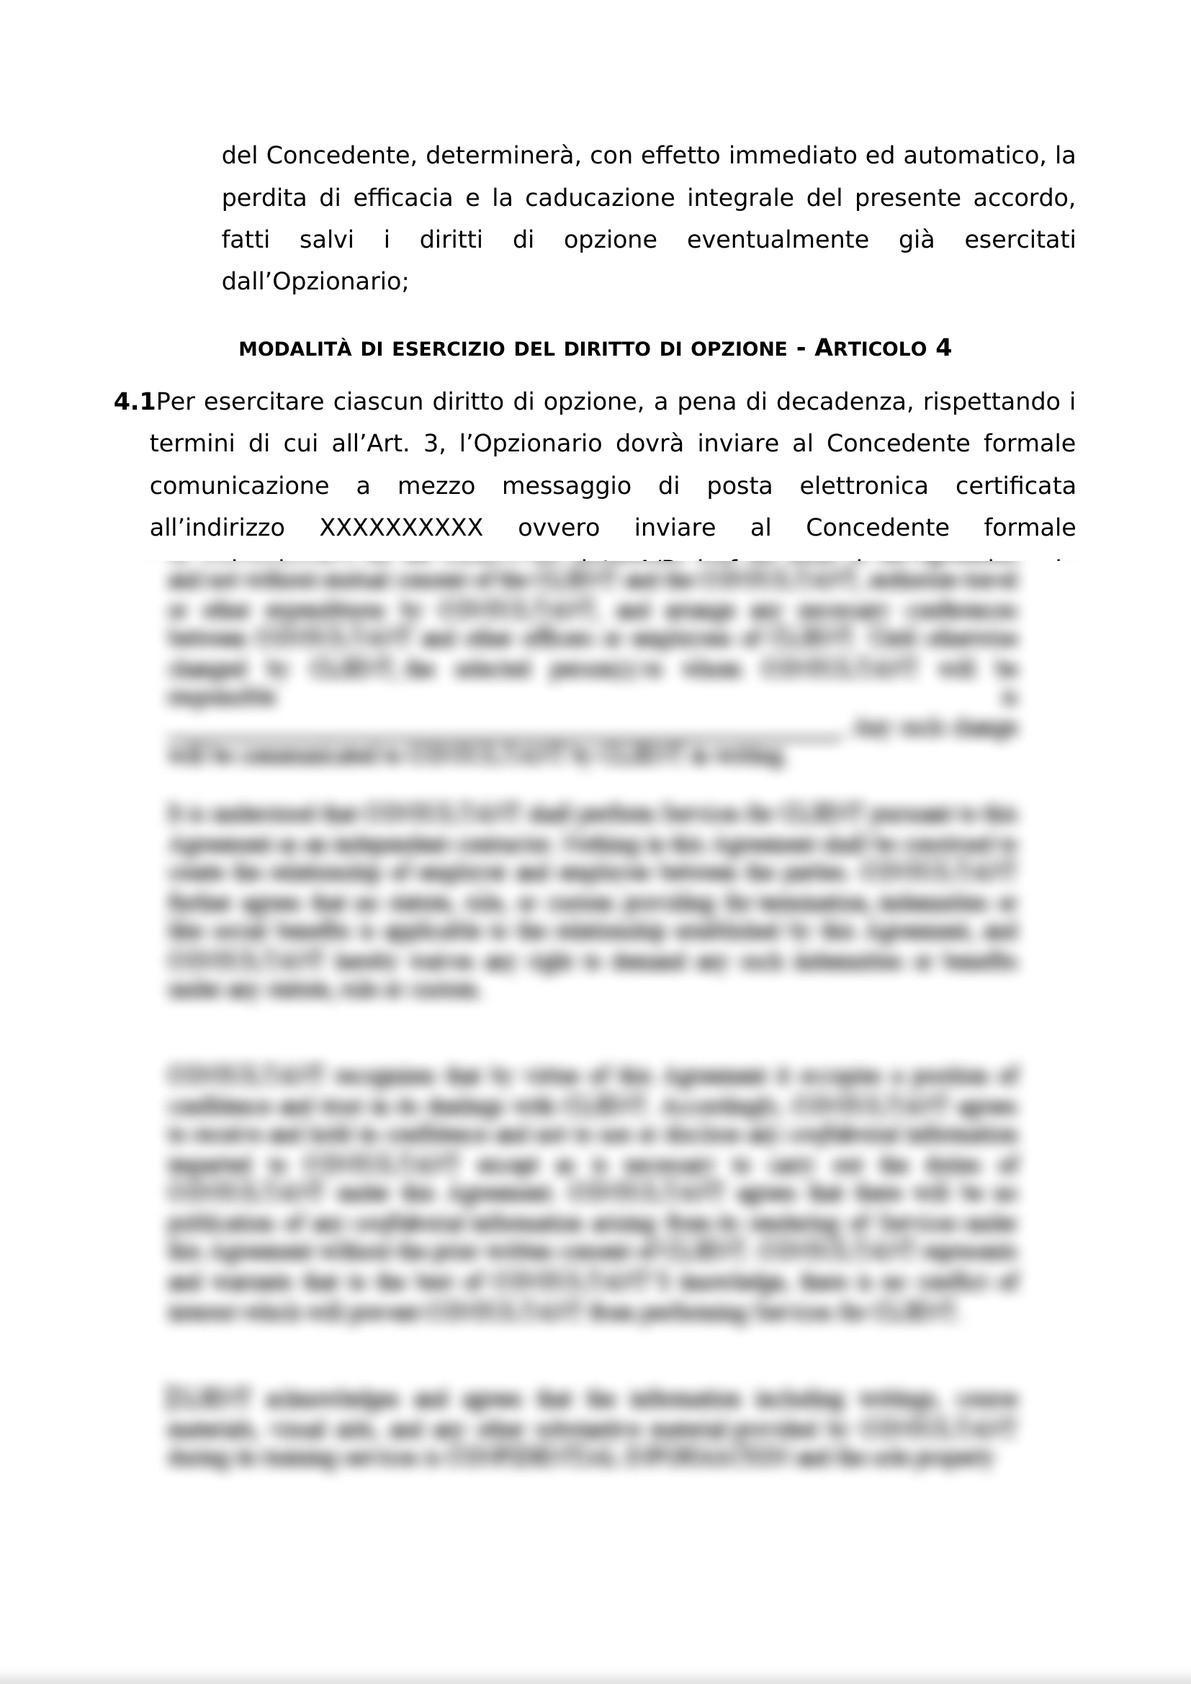 ACCORDO PER L'ATTRIBUZIONE DI DIRITTI DI OPZIONE DI ACQUISTO-6